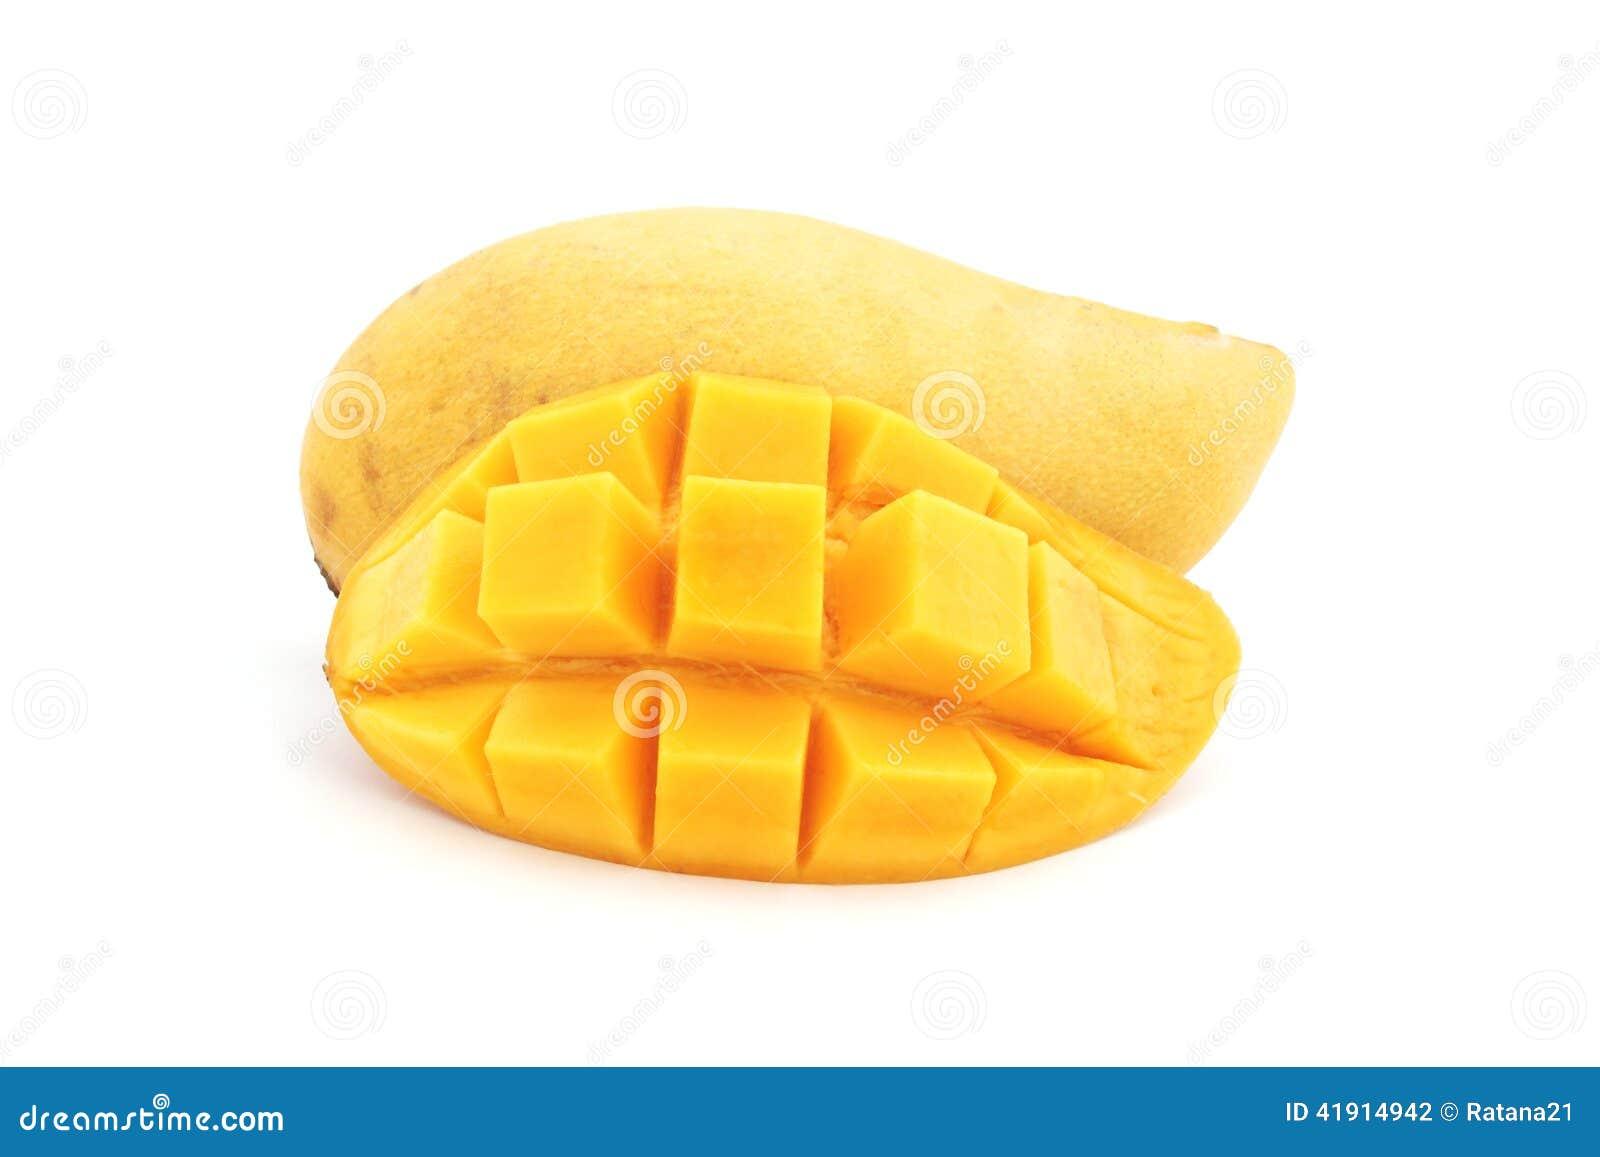 Słodki dojrzały żółty mango